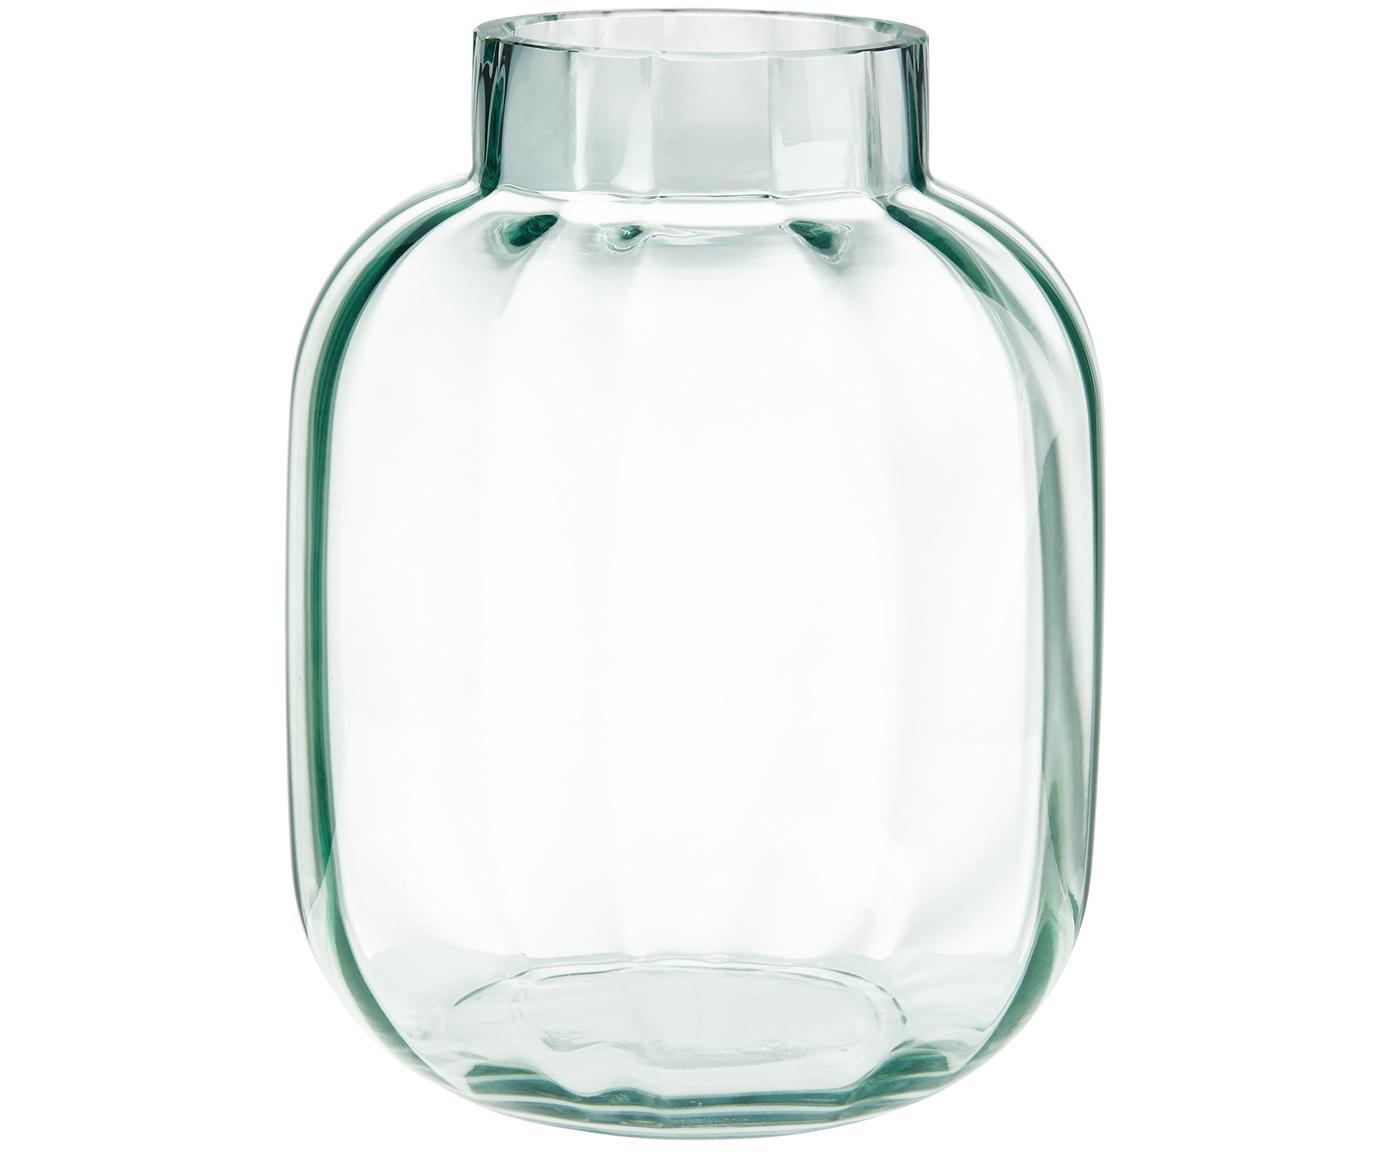 Vaso in vetro Betty, Vetro, Verde chiaro trasparente, Ø 18 x Alt. 22 cm